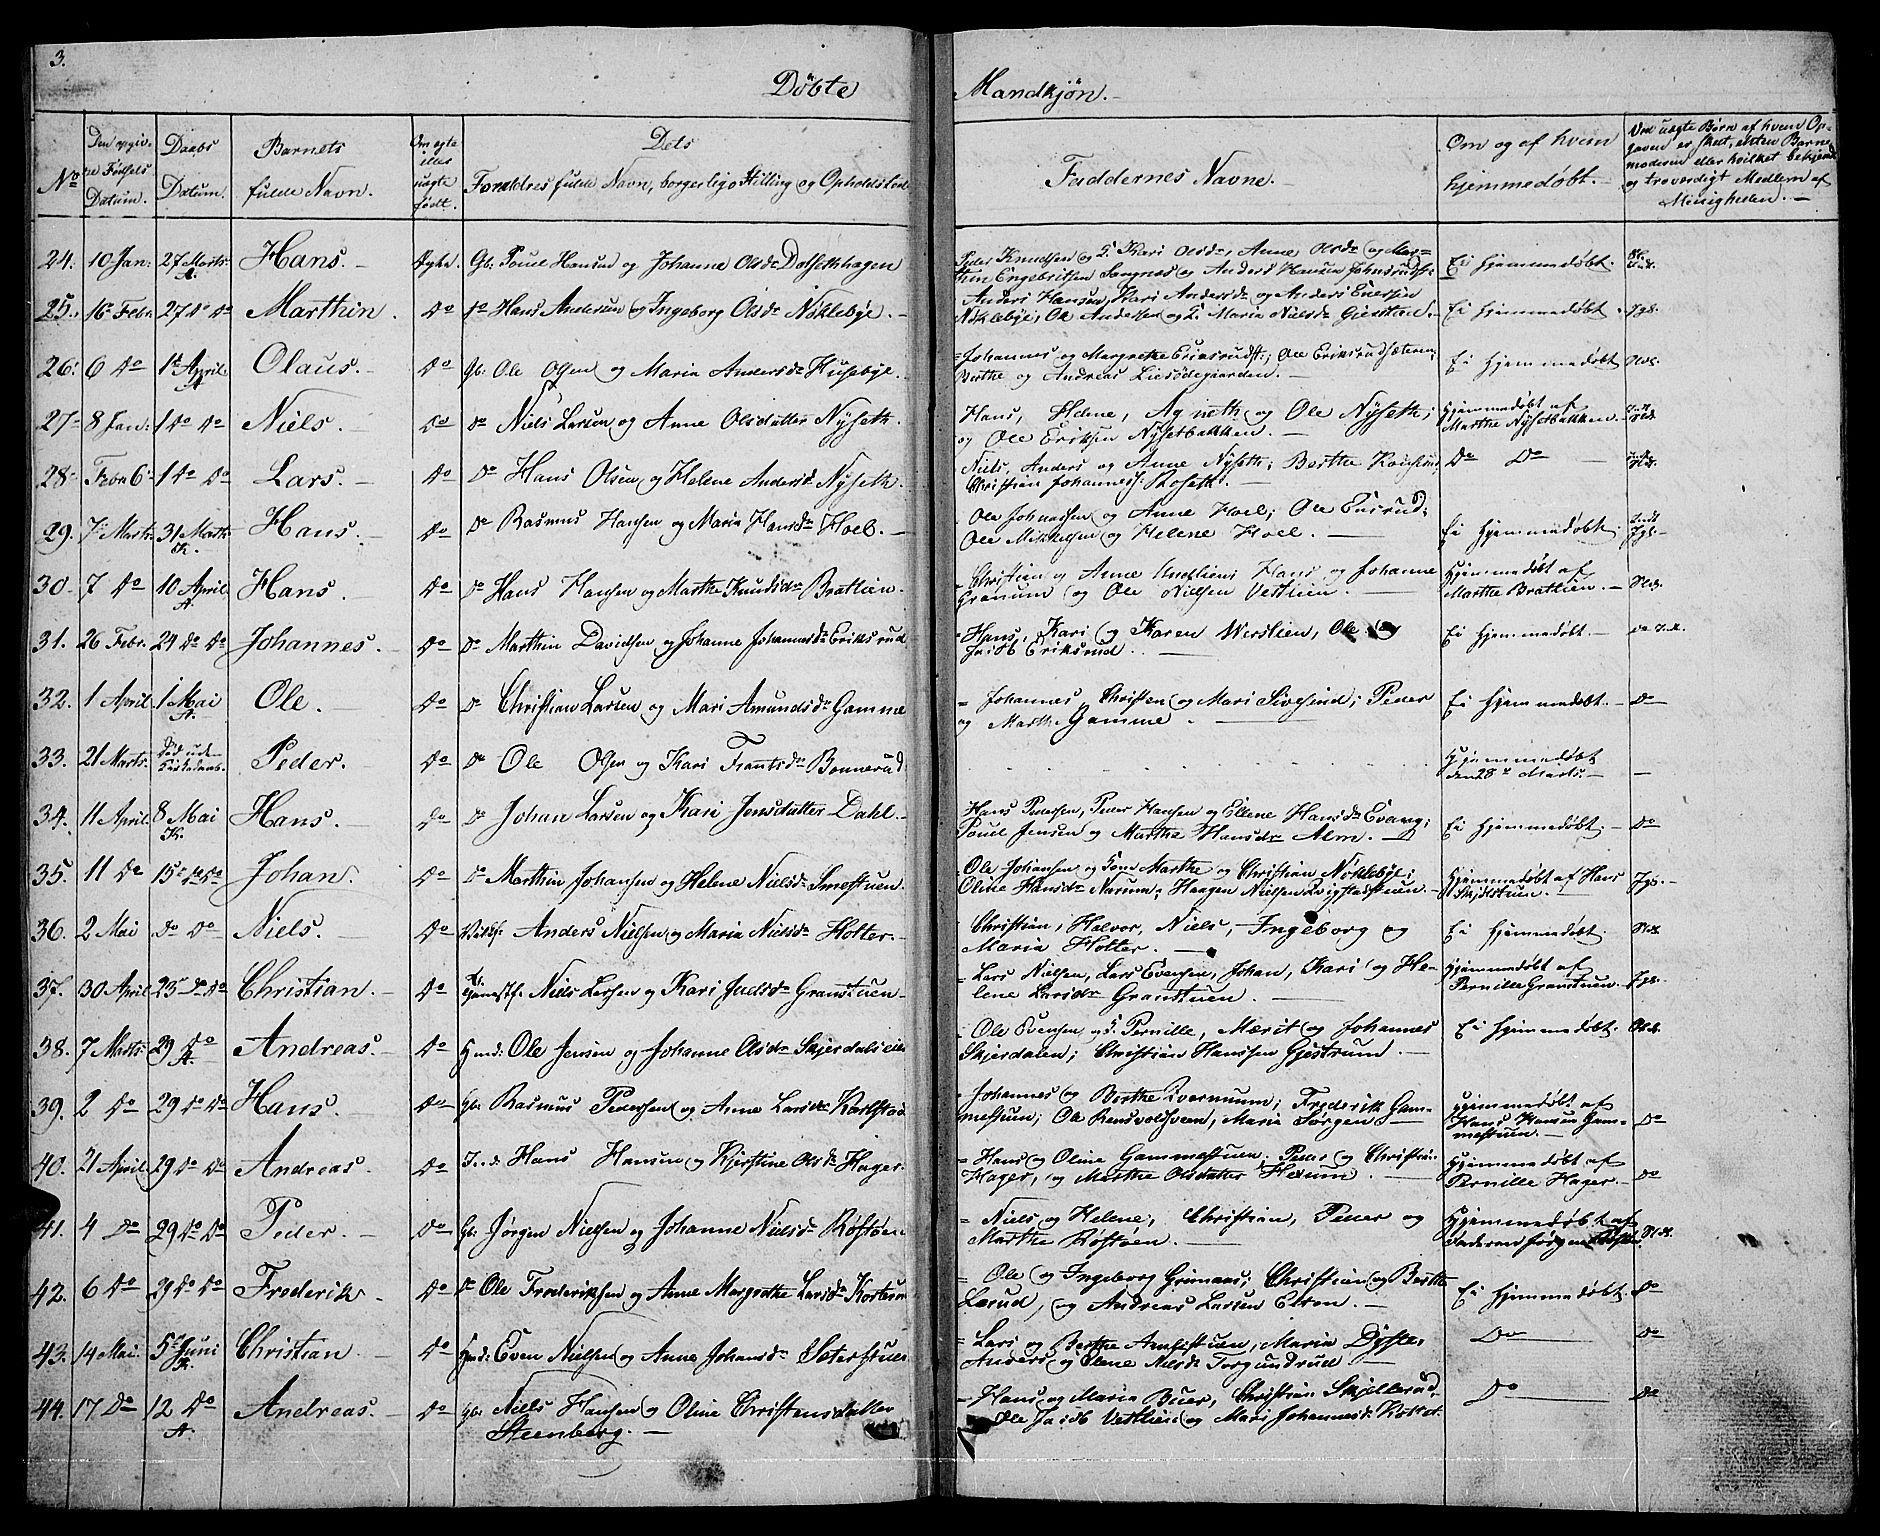 SAH, Vestre Toten prestekontor, H/Ha/Hab/L0001: Klokkerbok nr. 1, 1830-1836, s. 3